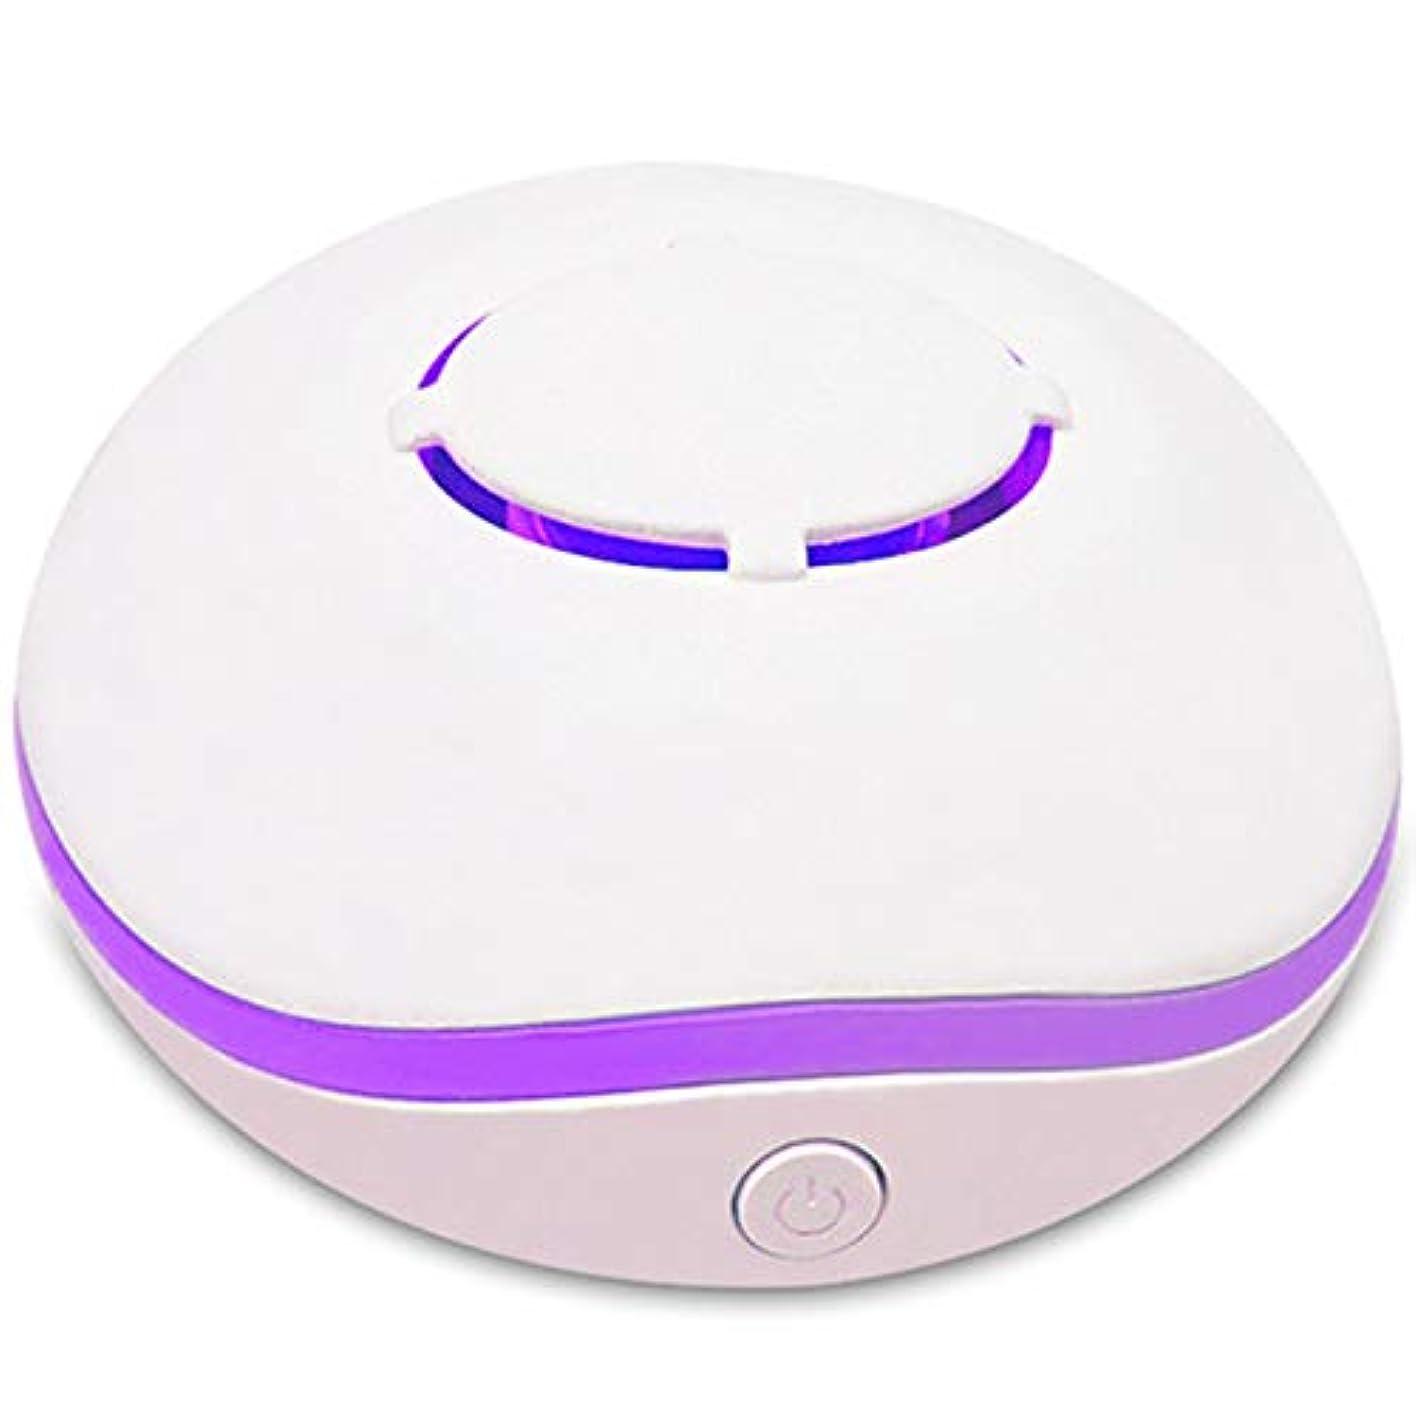 補正水差し音声学SODIAL 無水アロマ?ミニディフューザー、エッセンシャルオイルの携帯用ネブライザー、アロマオイルの拡散、家庭用、2つの接続電源モード、白色